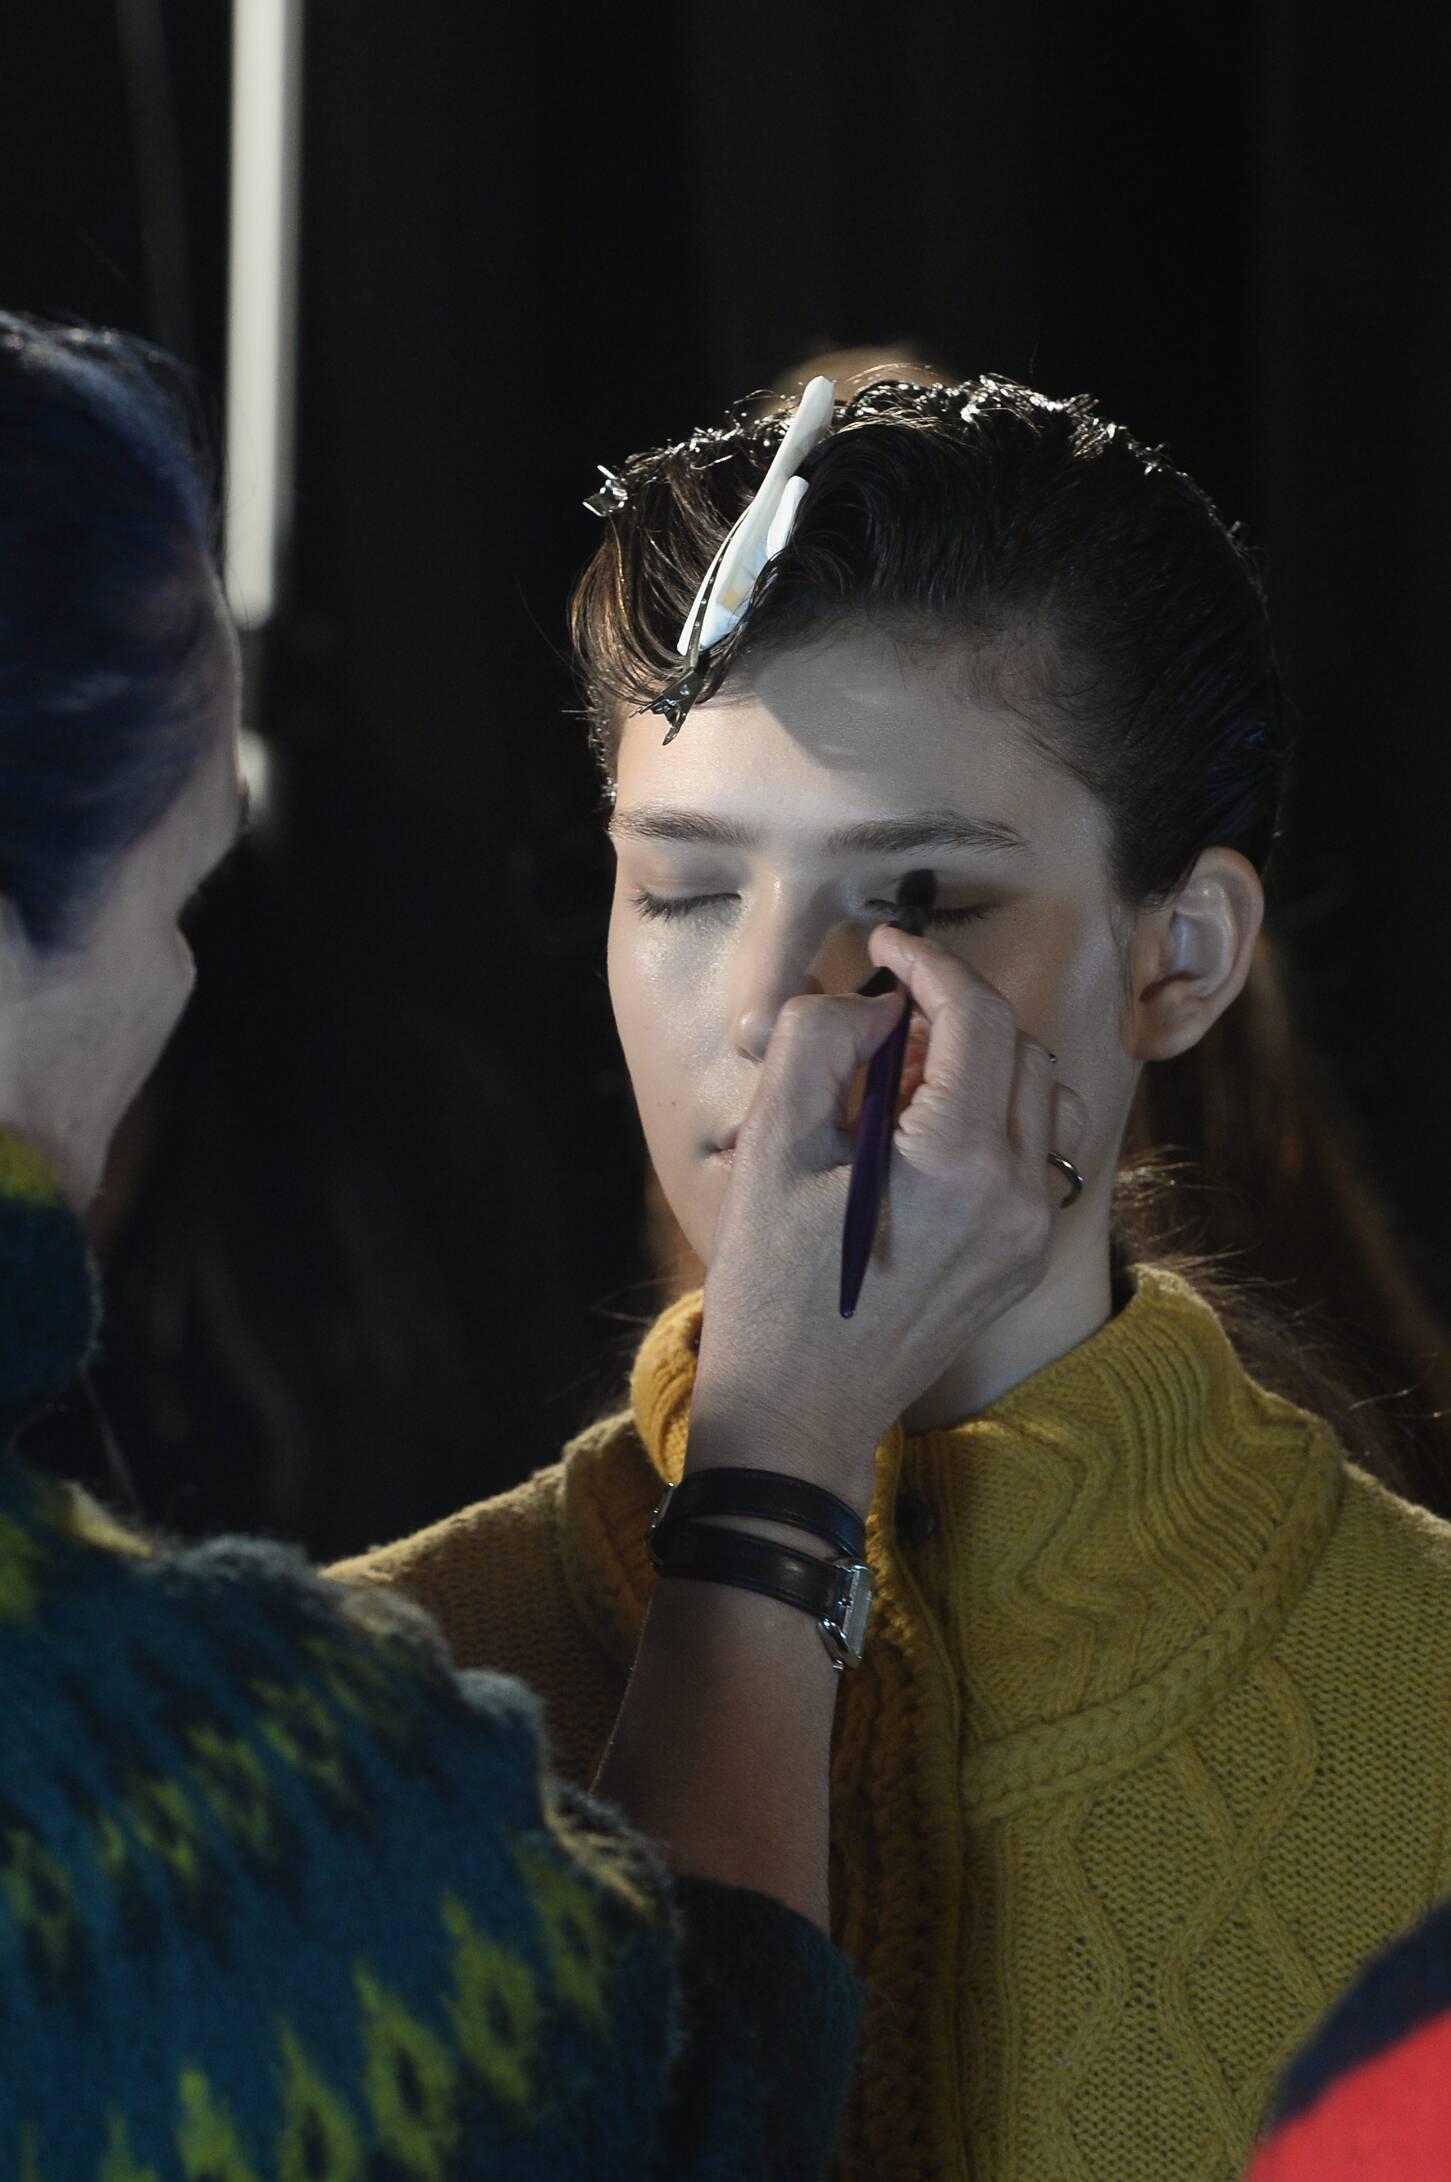 Make Up Diesel Black Gold Backstage Fashion Model